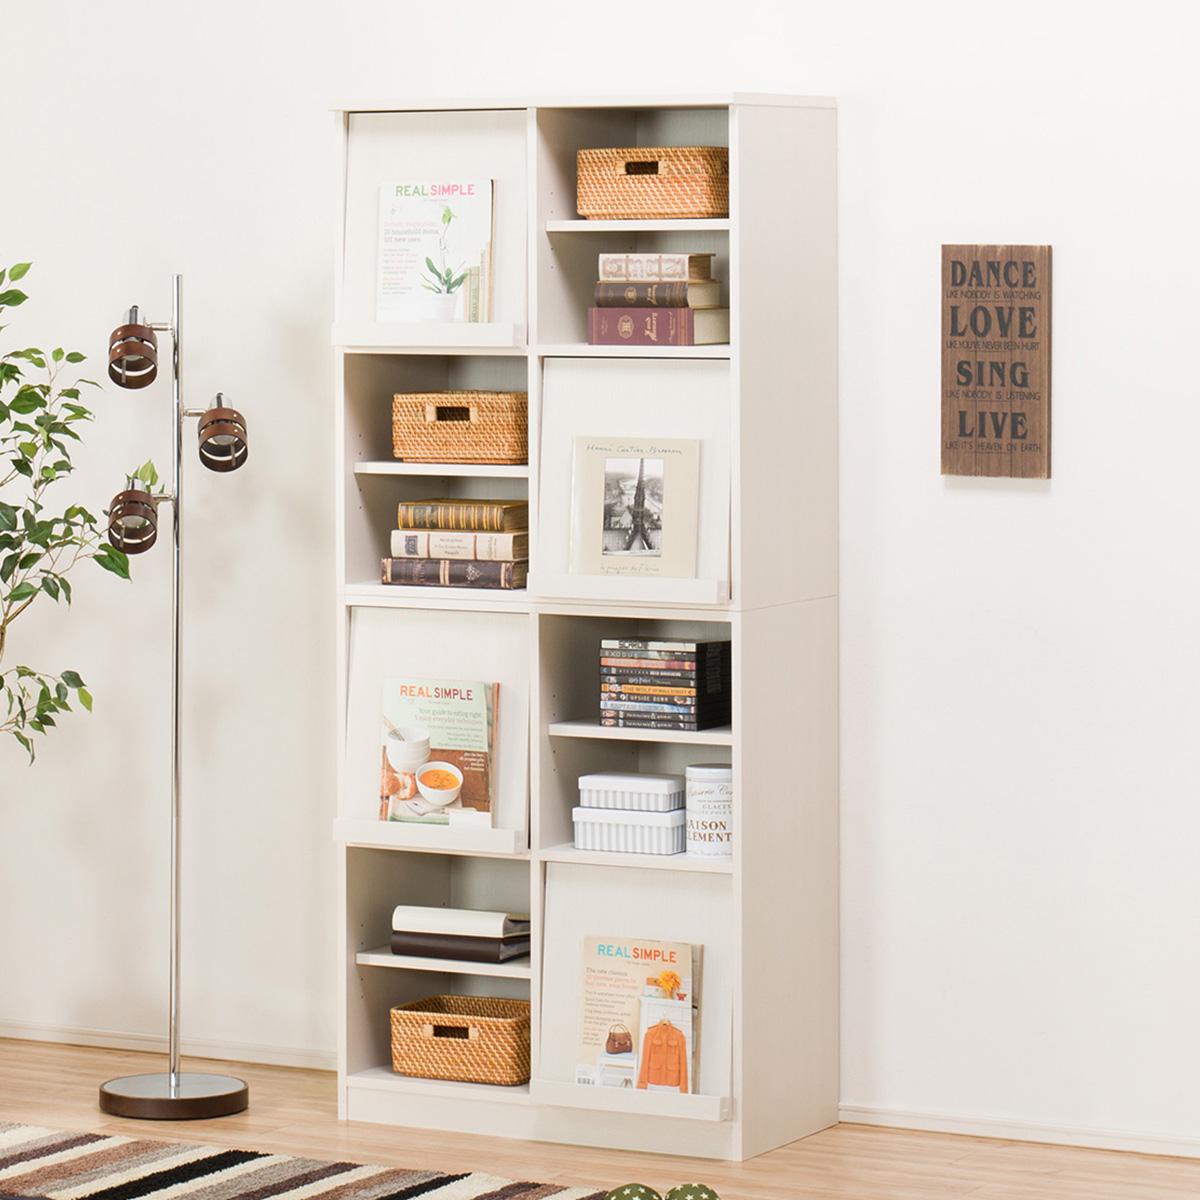 最安値挑戦 市場 家具 インテリア ホームファッション ホーム